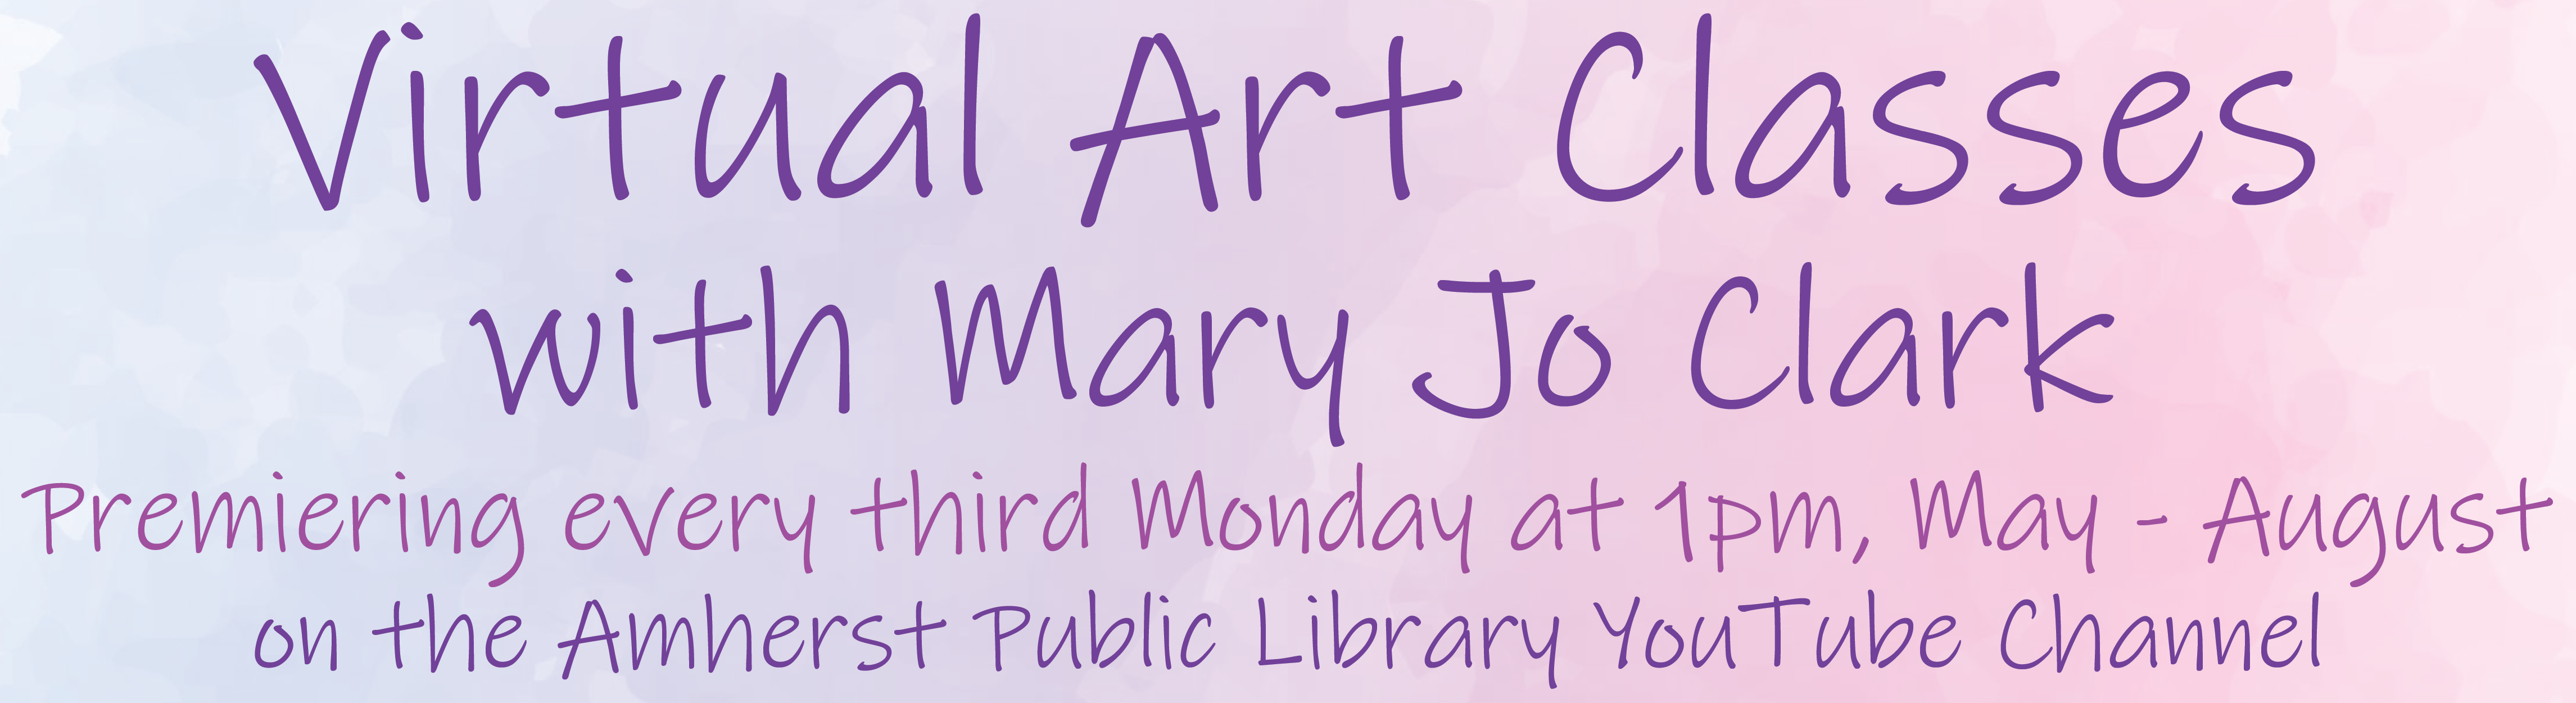 Virtual Art Classes with Mary Jo Clark